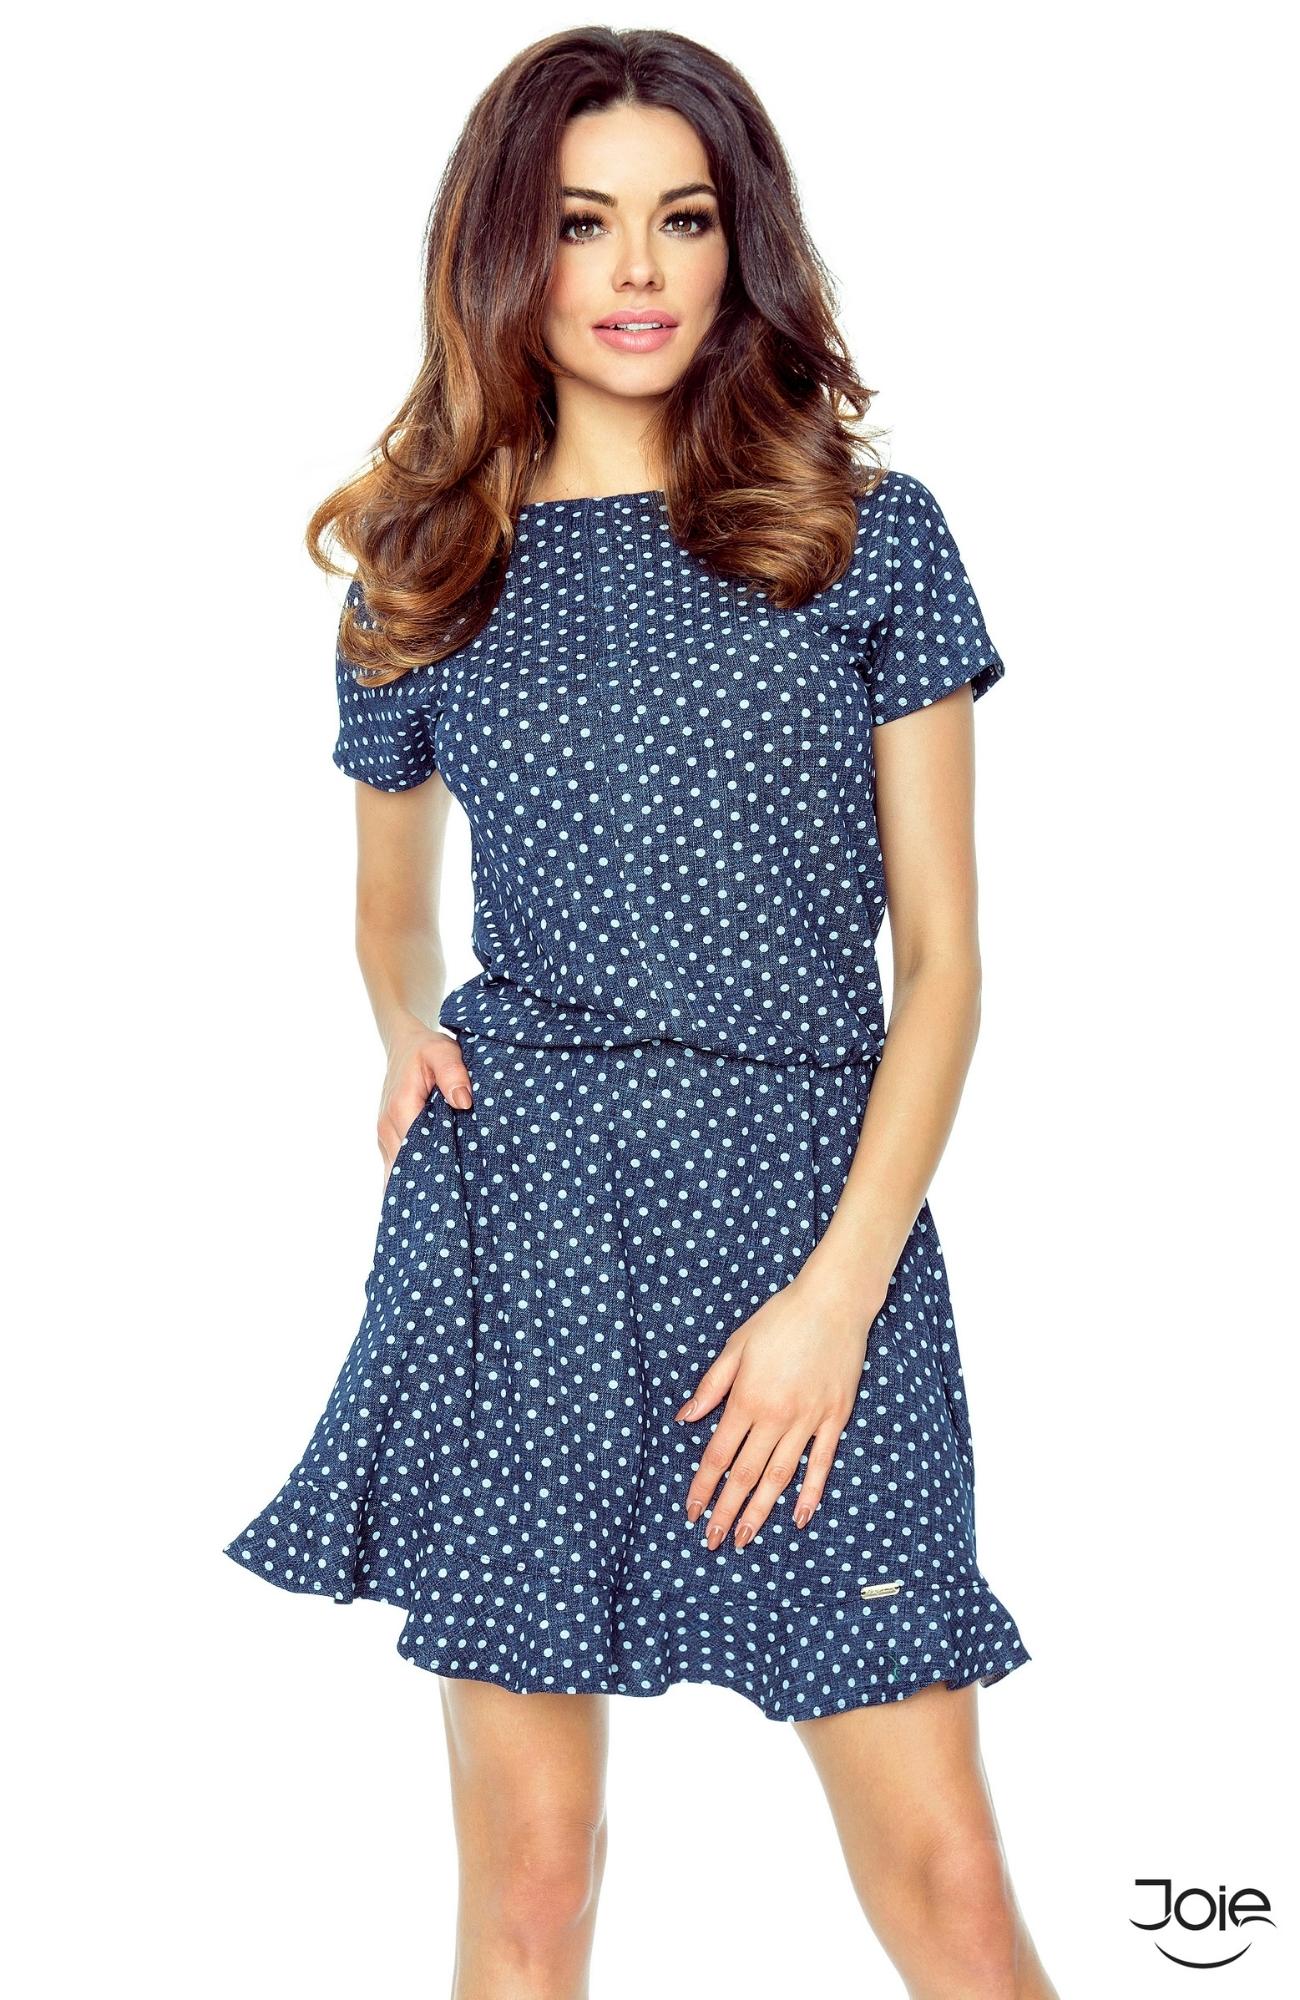 2fea1cae6db2 Modré dámske šaty s bodkami áčkového strihu 63-04 zväčšiť obrázok